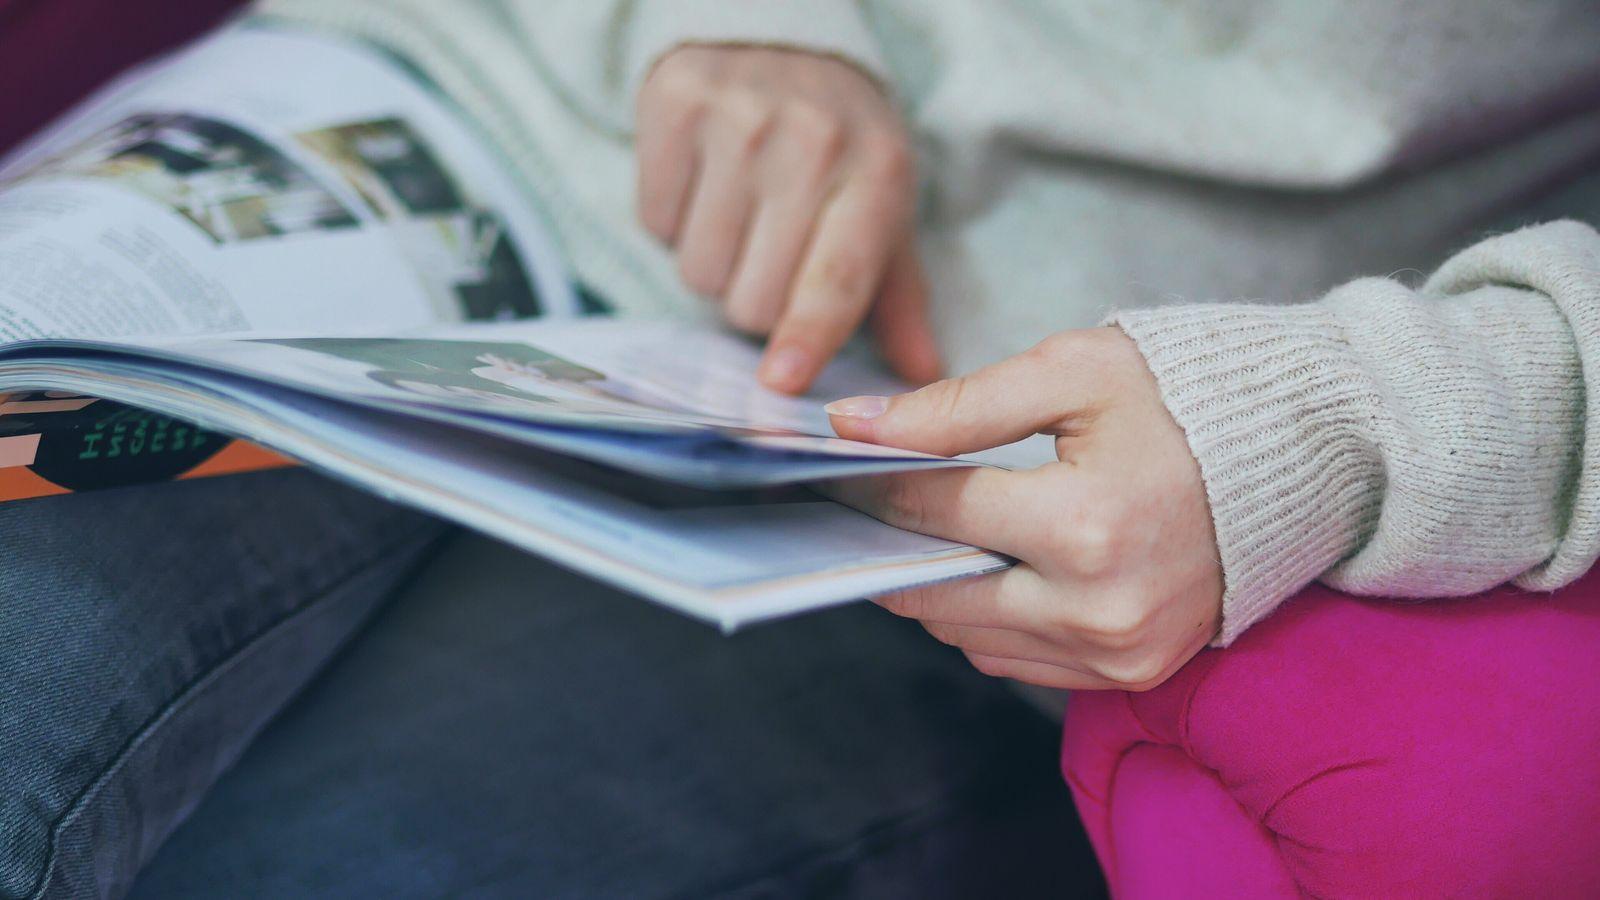 EINMALIGE VERWENDUNG Lesende Person/ Closeup/ Zeitschrift/ Symbolbild